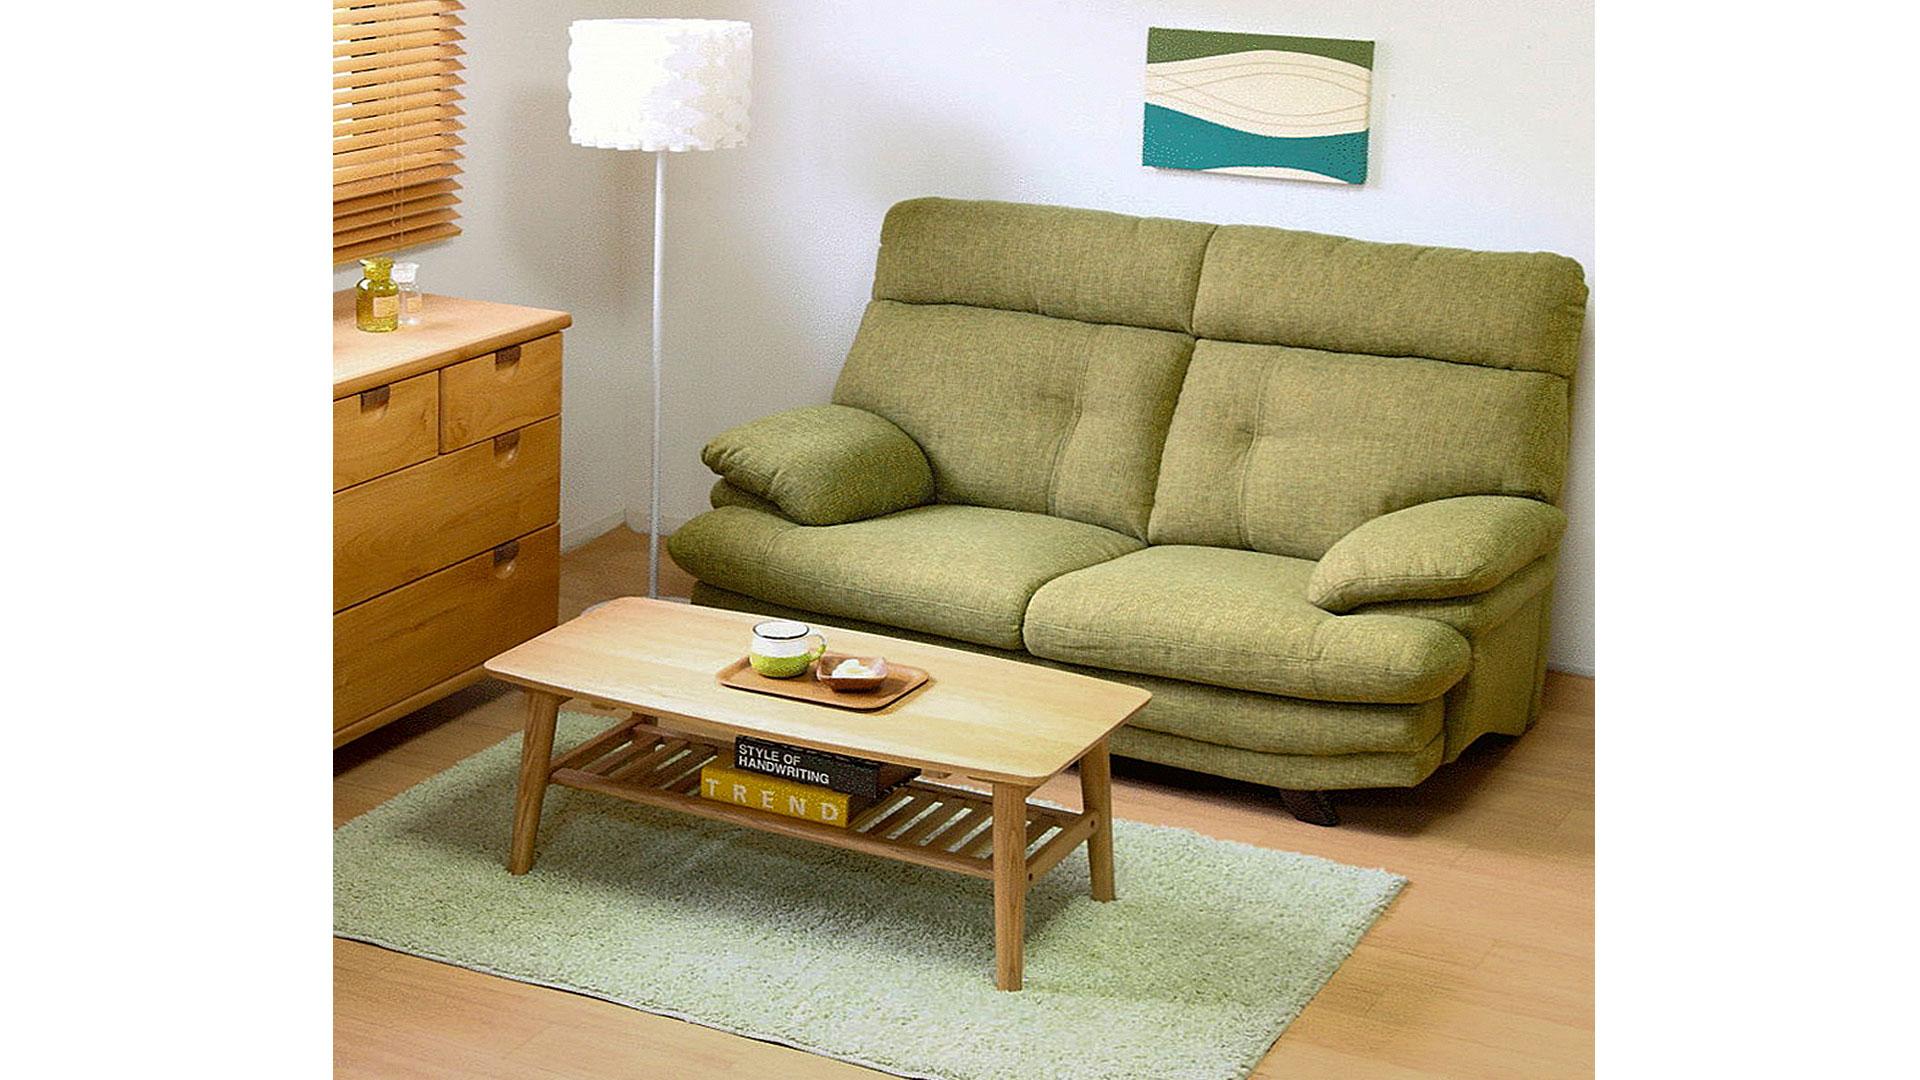 リビンズの二人掛けソファ「ジェム」の画像